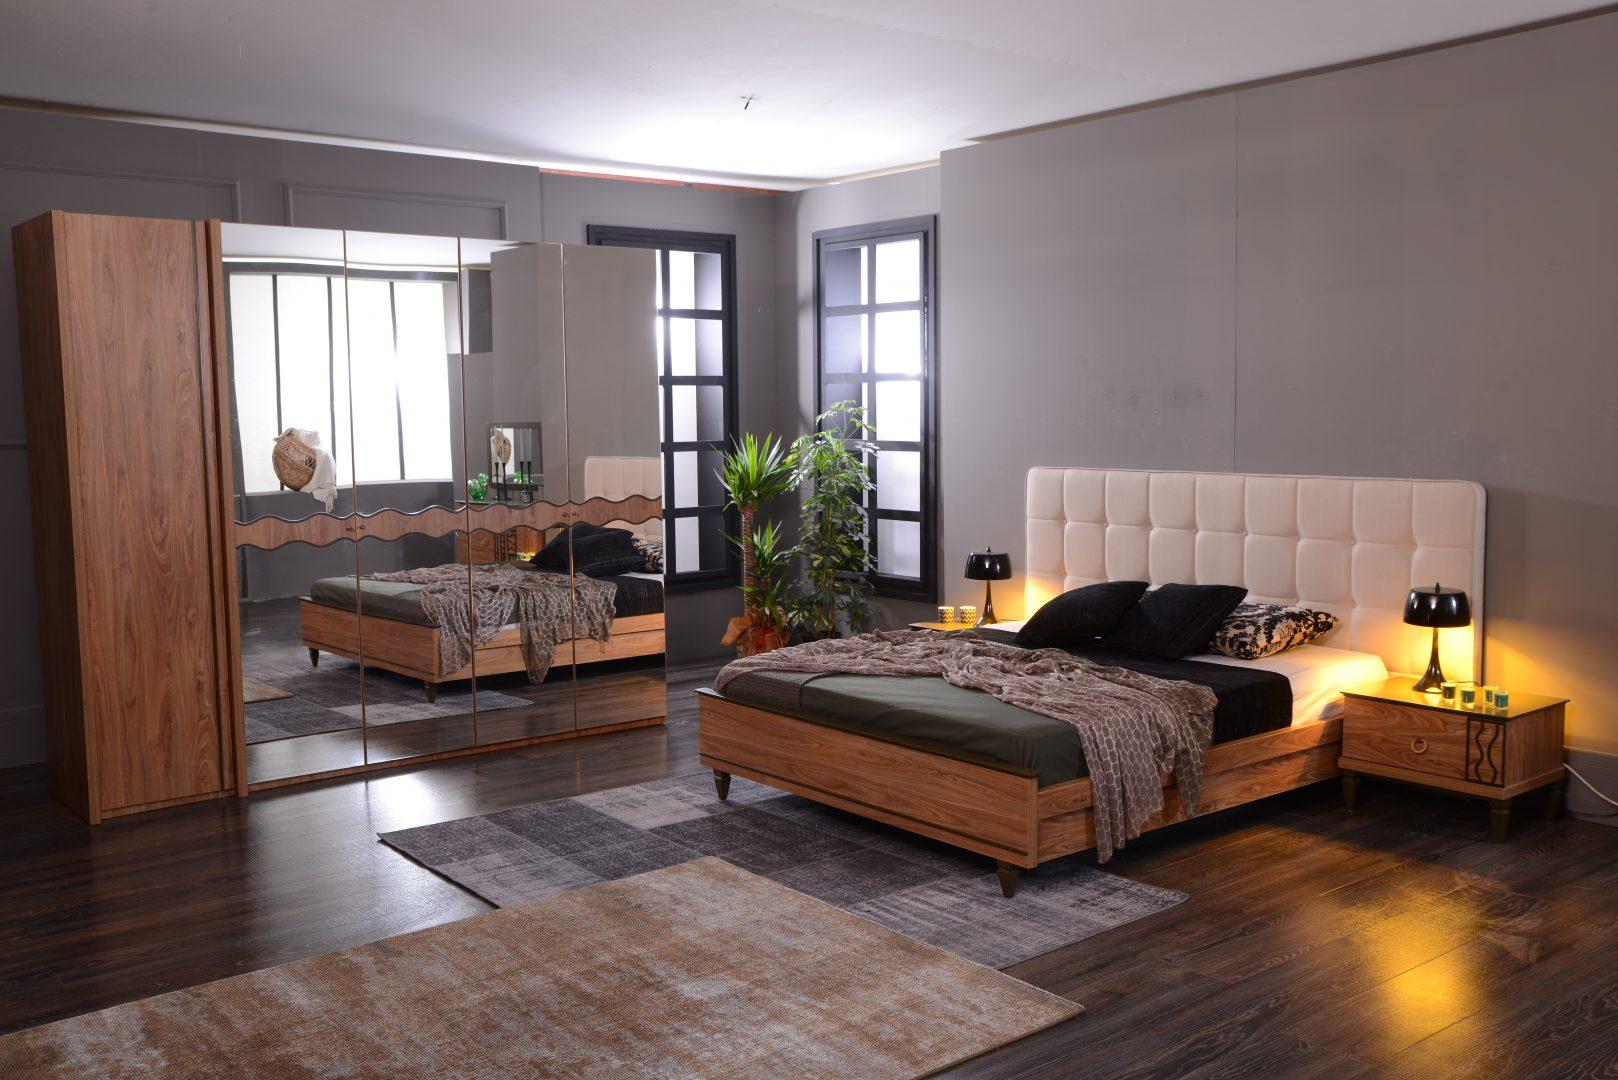 Enna yatak odas tak m hevin mobilya for Mobilya caserta